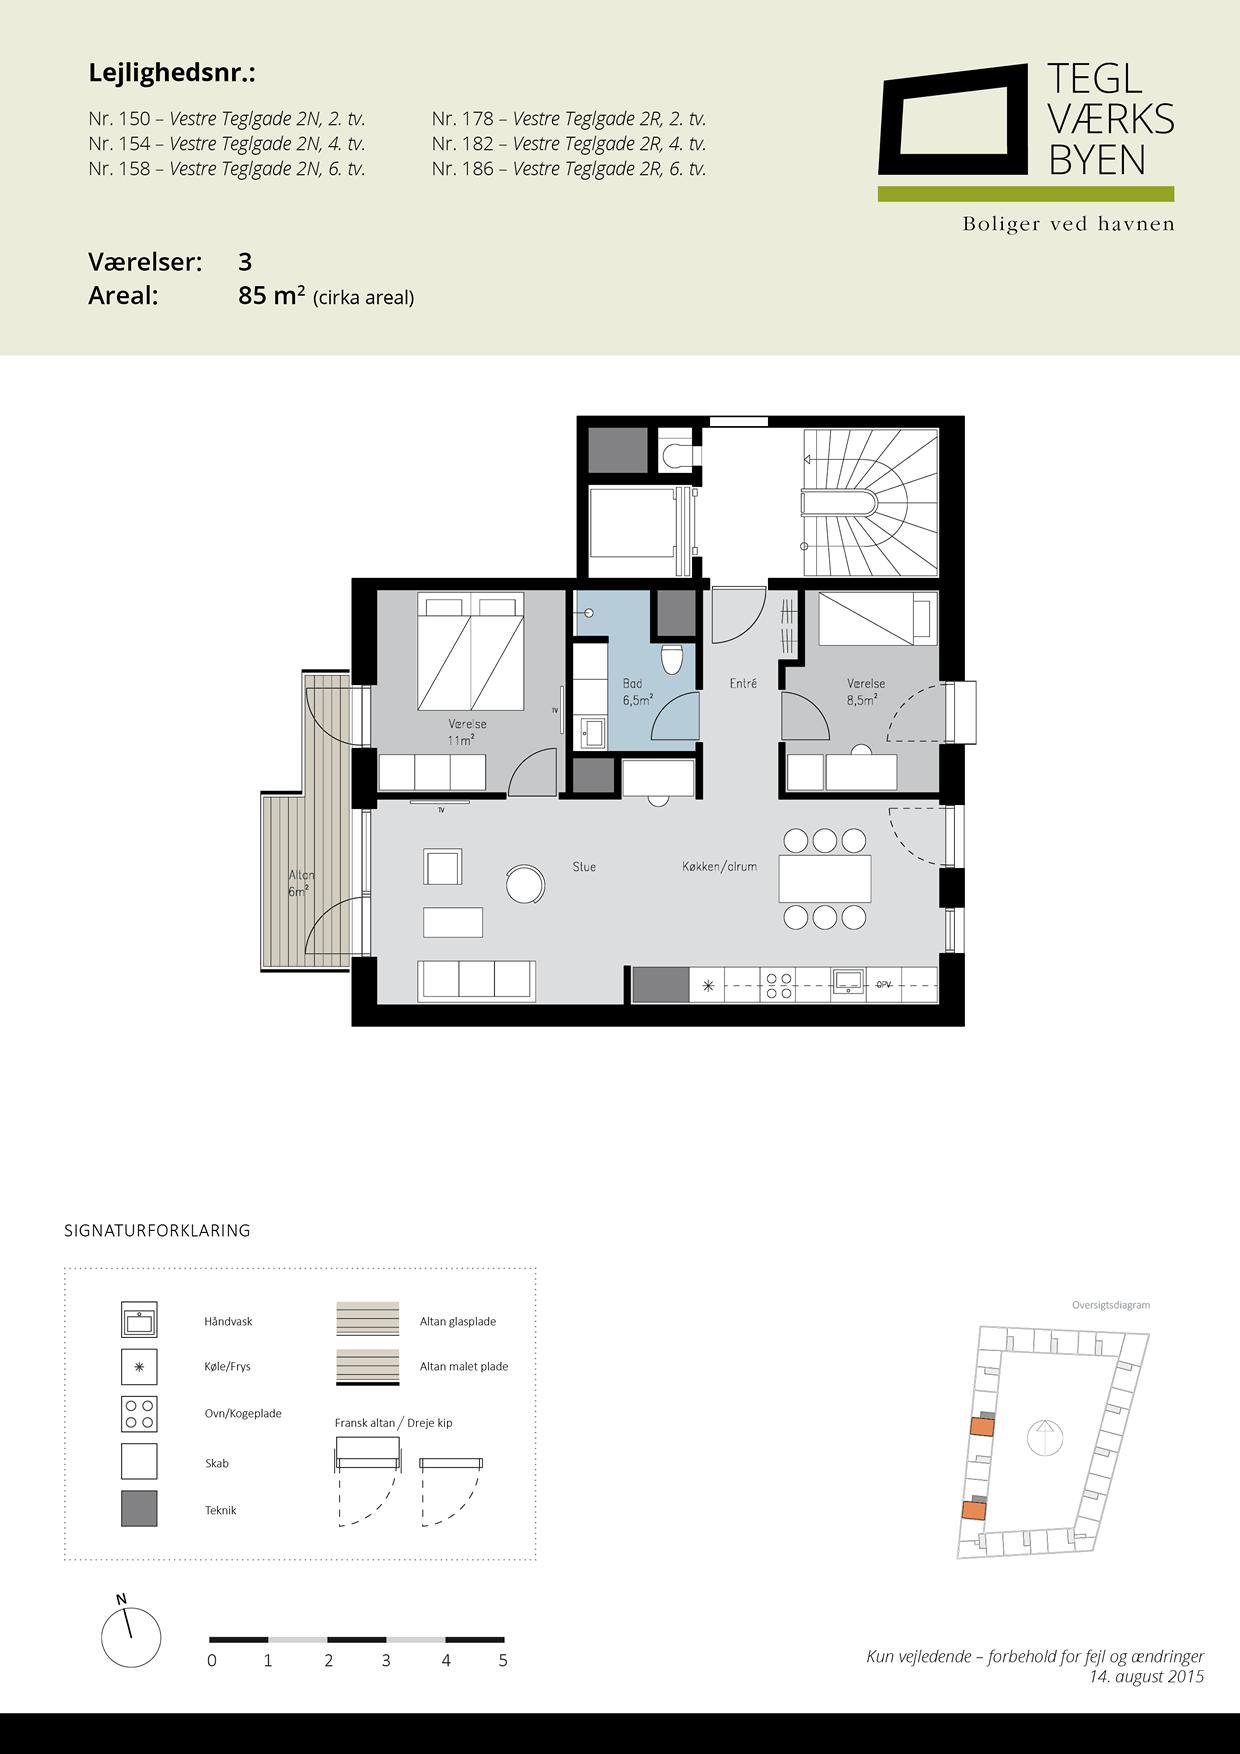 Teglvaerksbyen_150-154-158-178-182-186_plan